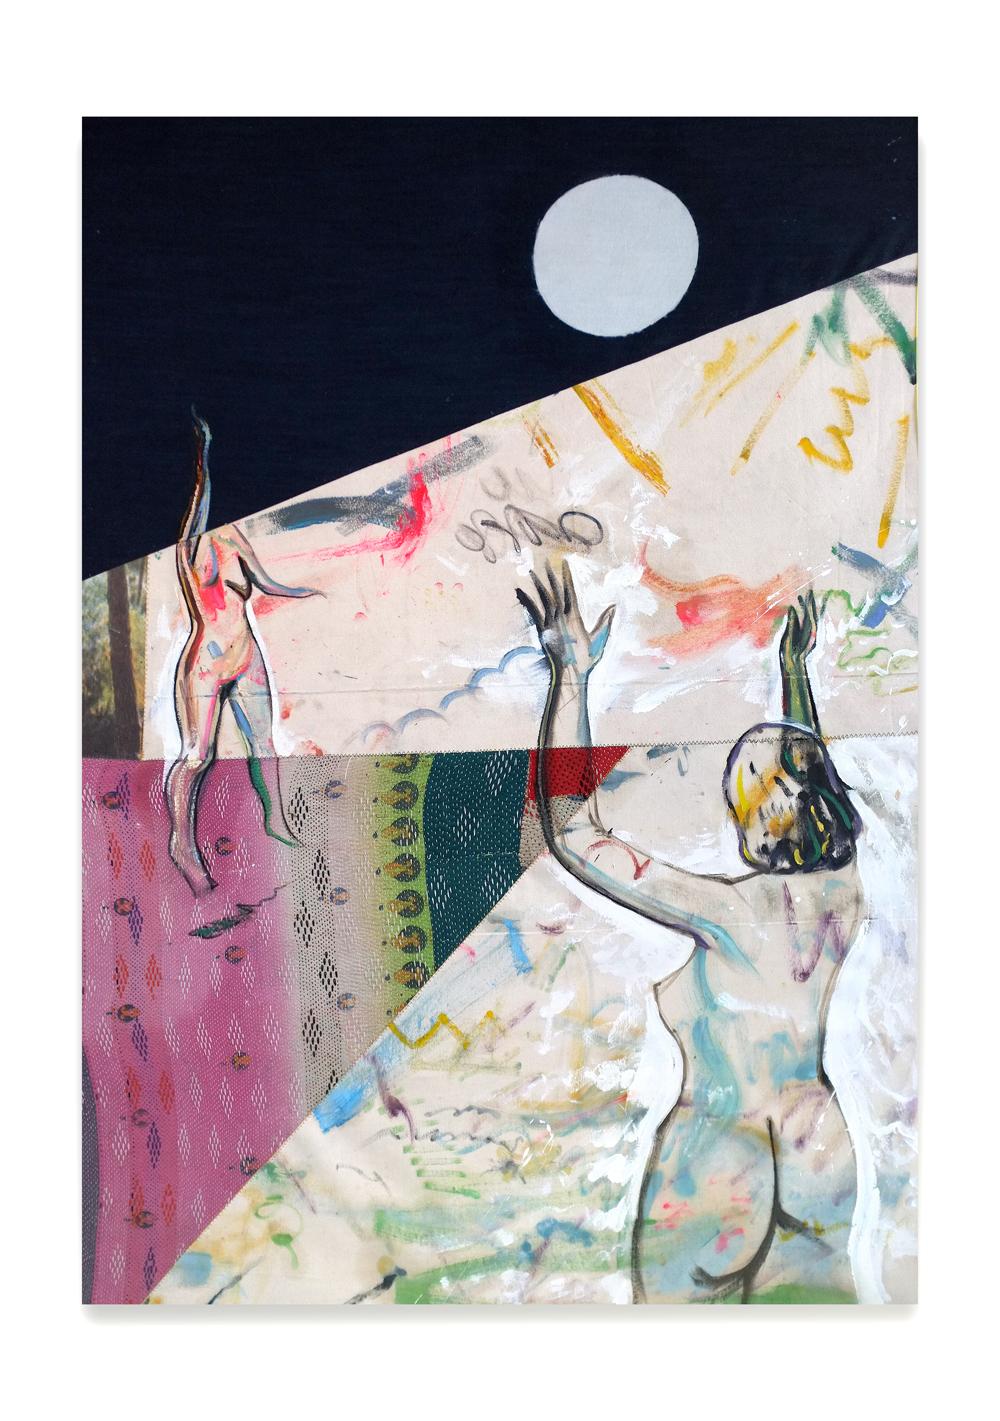 Inconstancy of a Friend, 2019, Peinture à l'huile et tirage photographique cousus sur toile, 114 x 162